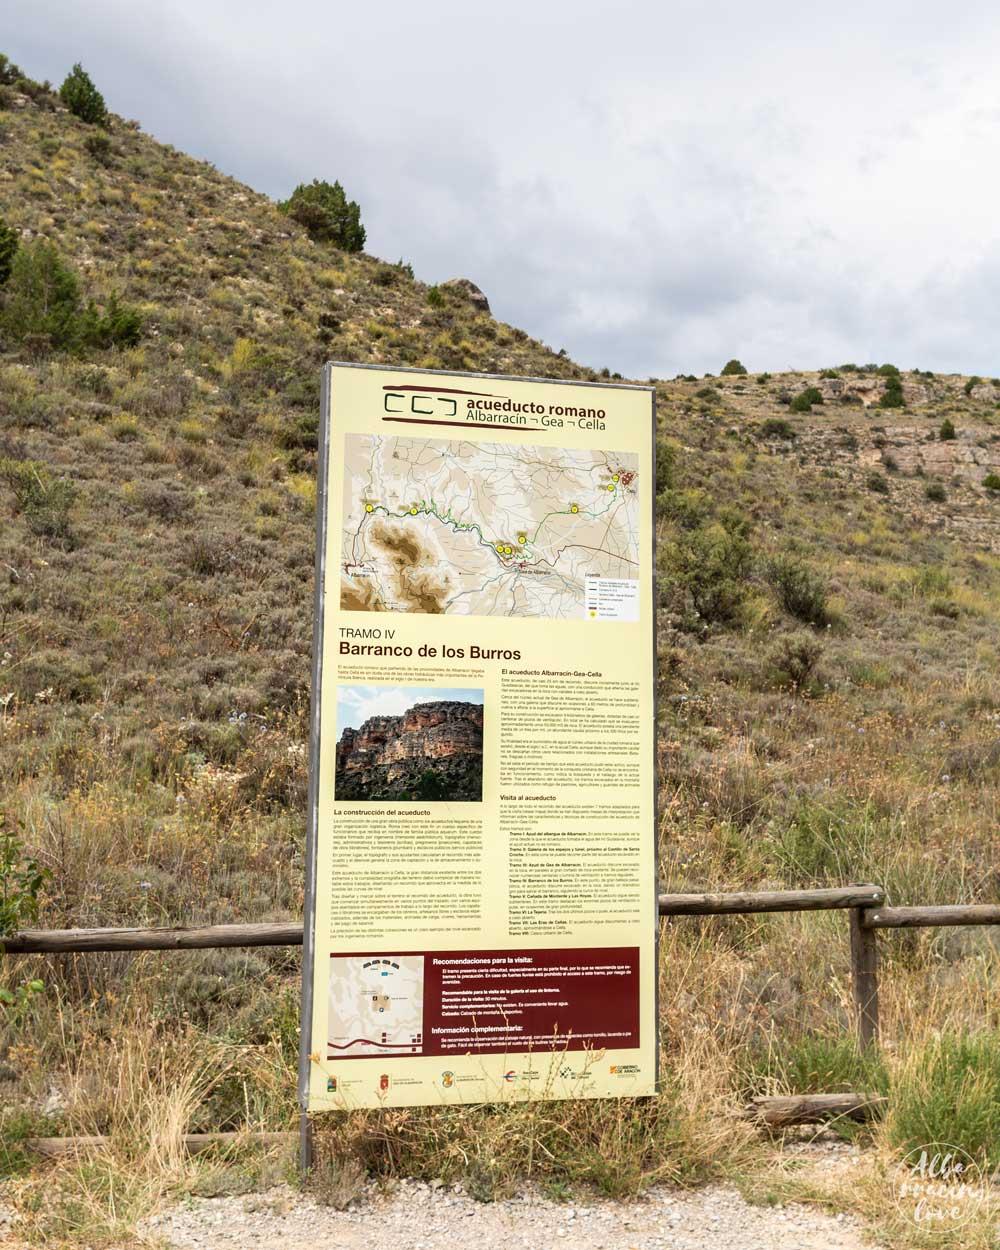 Fotografía del cartel informativo en el Acueducto Romano de Albarracín